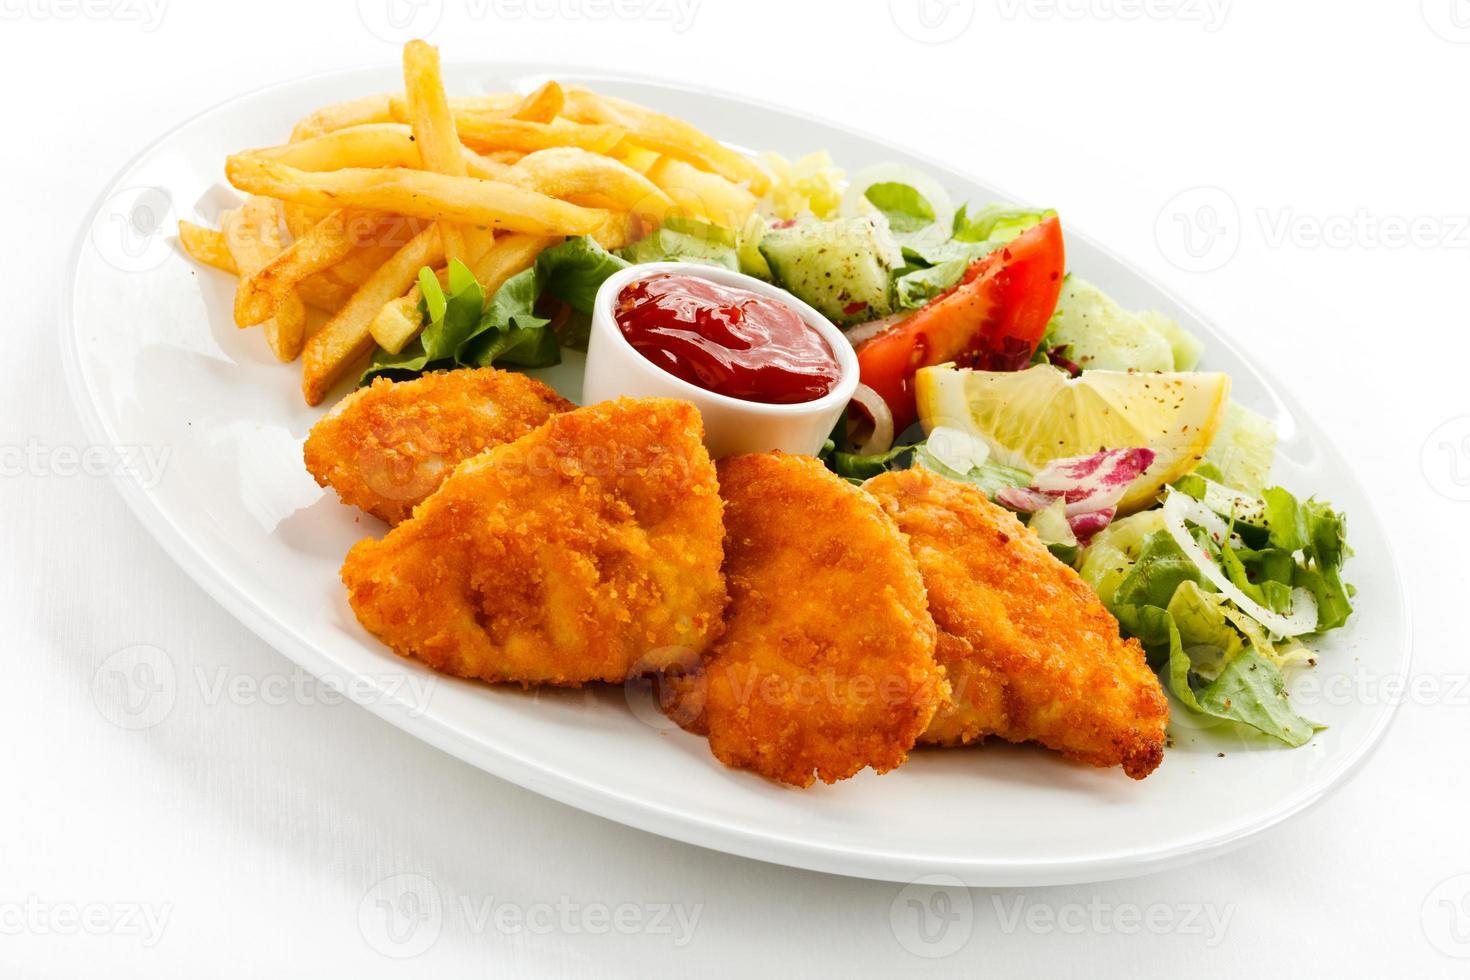 nuggets de frango frito, batata frita e legumes foto